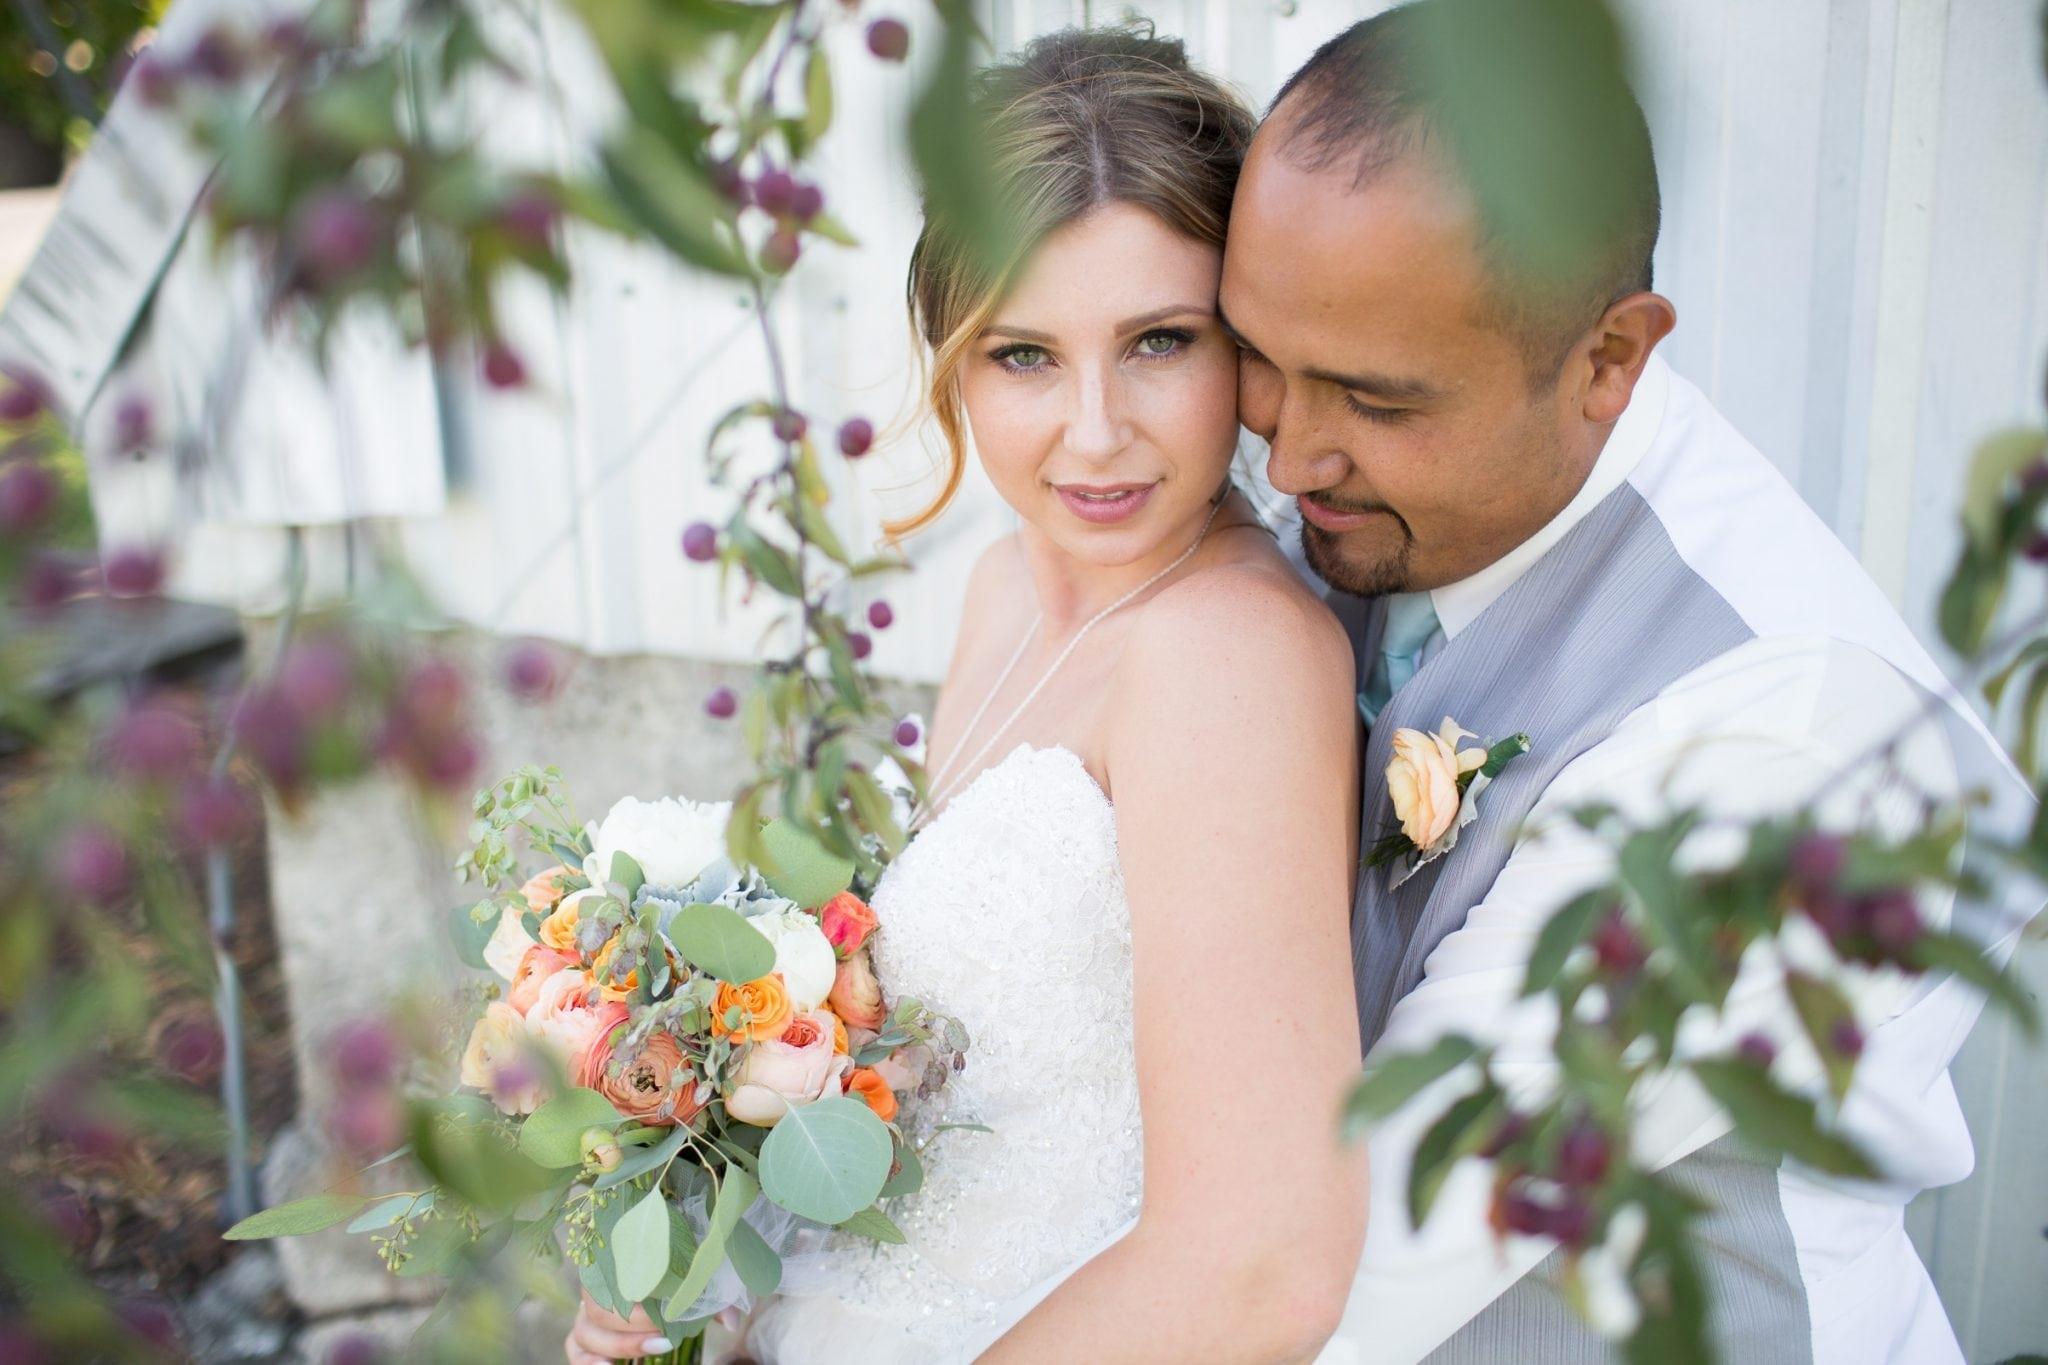 County wedding photo